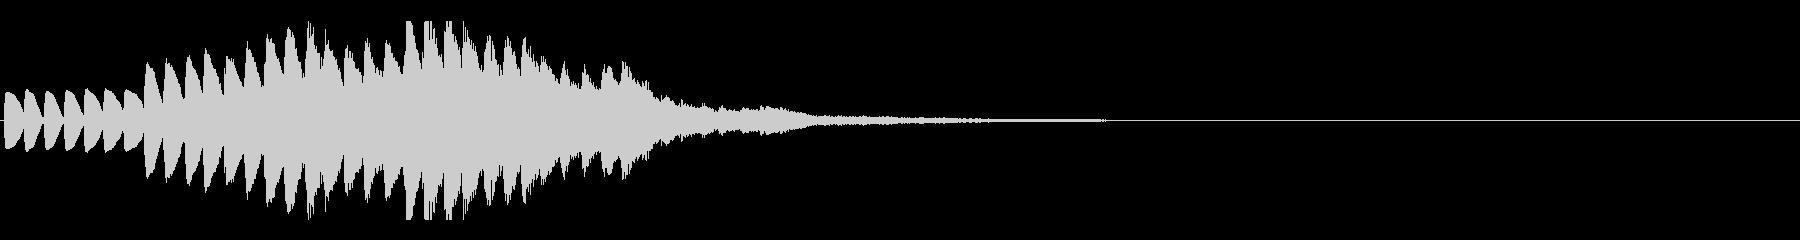 キラキラキラ(キラメキが降り注ぐ感じ)の未再生の波形